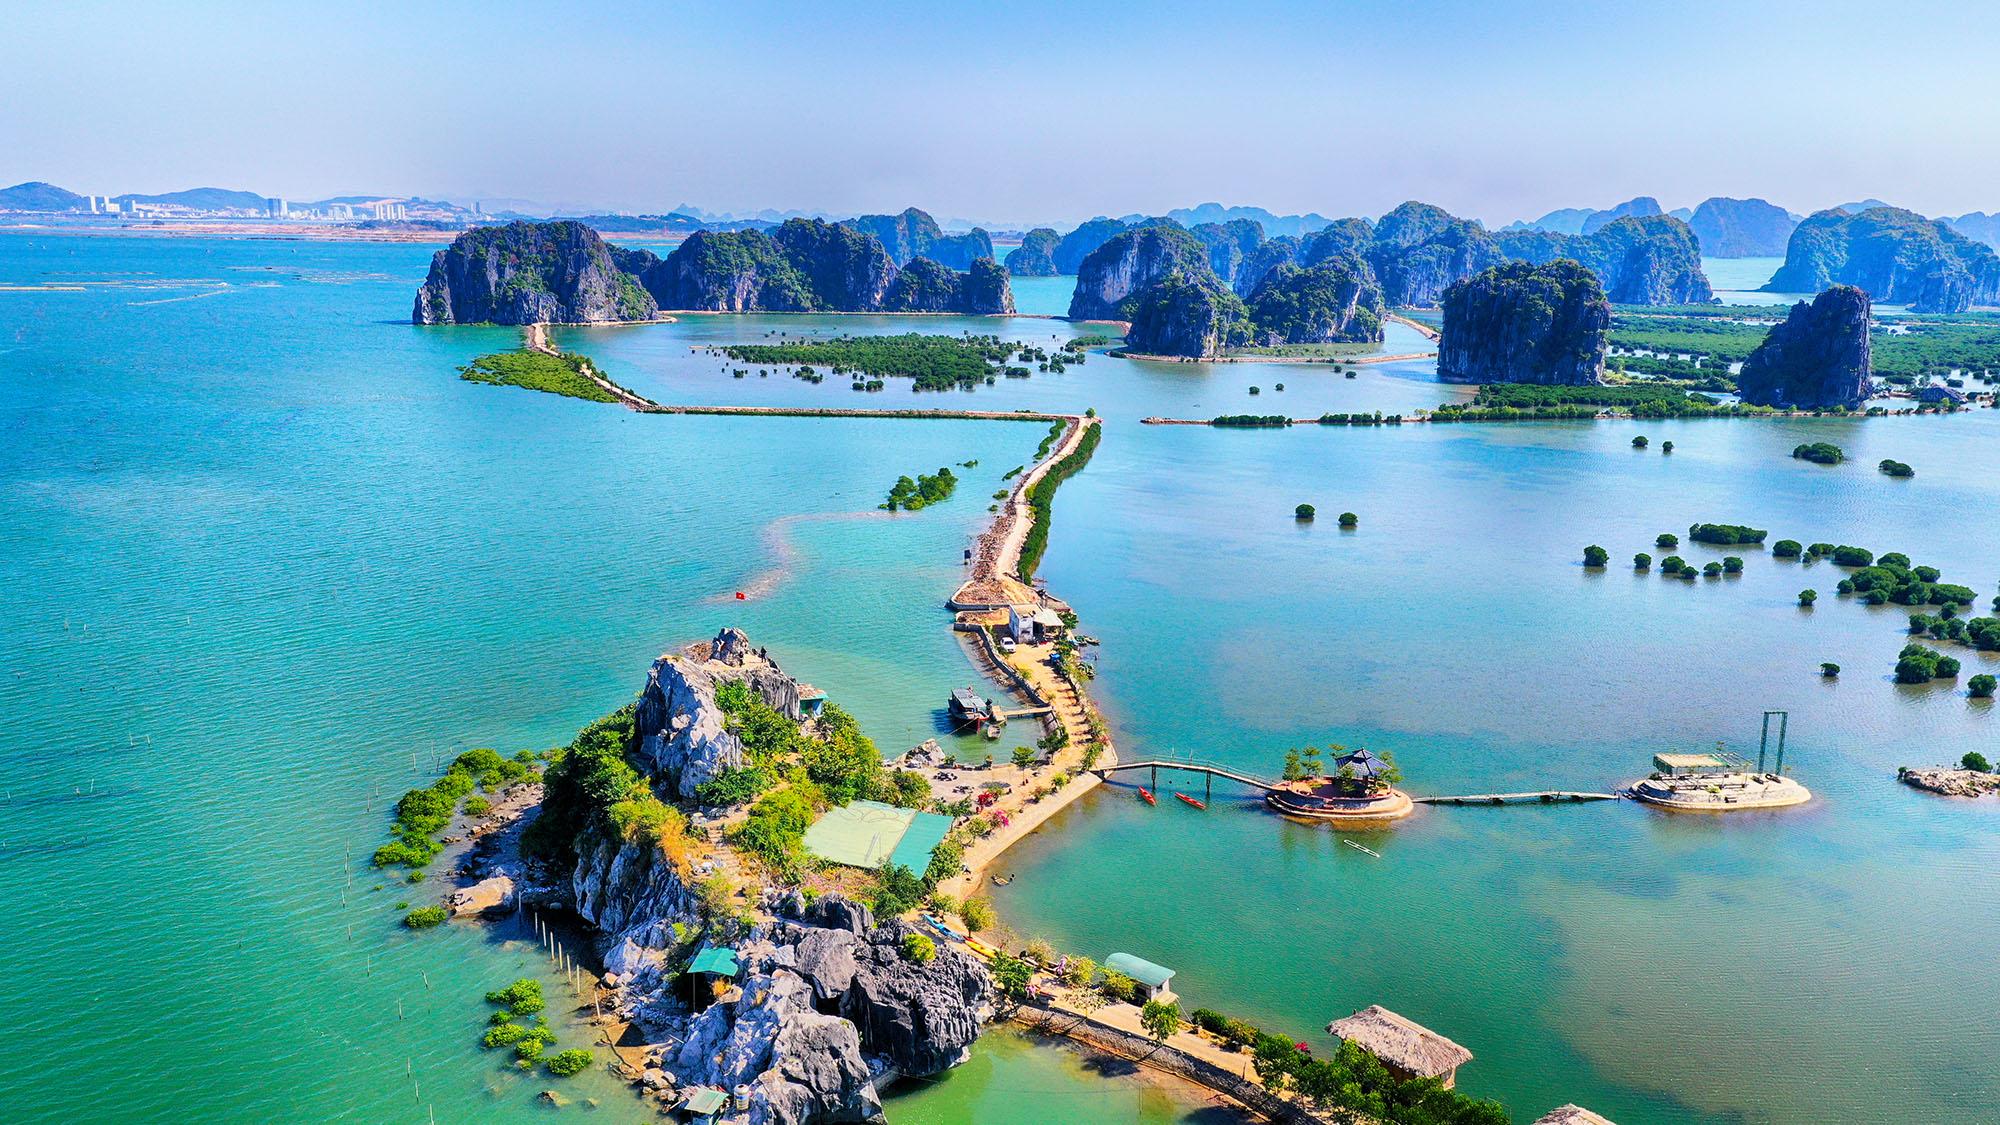 Đầm Tây Long nằm phía Tây Di sản thiên nhiên thế giới Vịnh Hạ Long (12-2019). Ảnh: Hùng Sơn